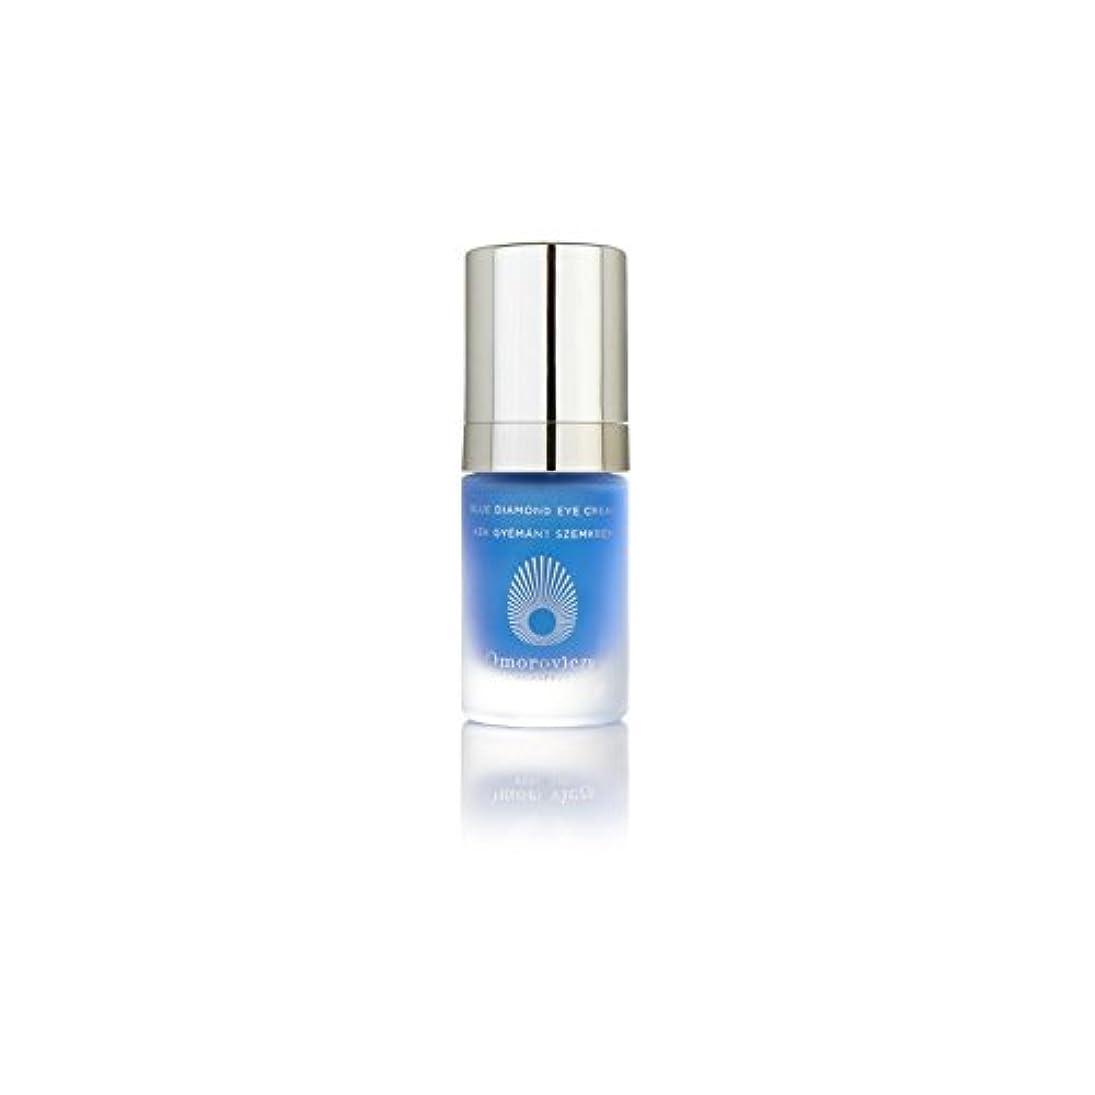 相互機知に富んだ任命するブルーダイヤモンドアイクリーム(15ミリリットル) x2 - Omorovicza Blue Diamond Eye Cream (15ml) (Pack of 2) [並行輸入品]